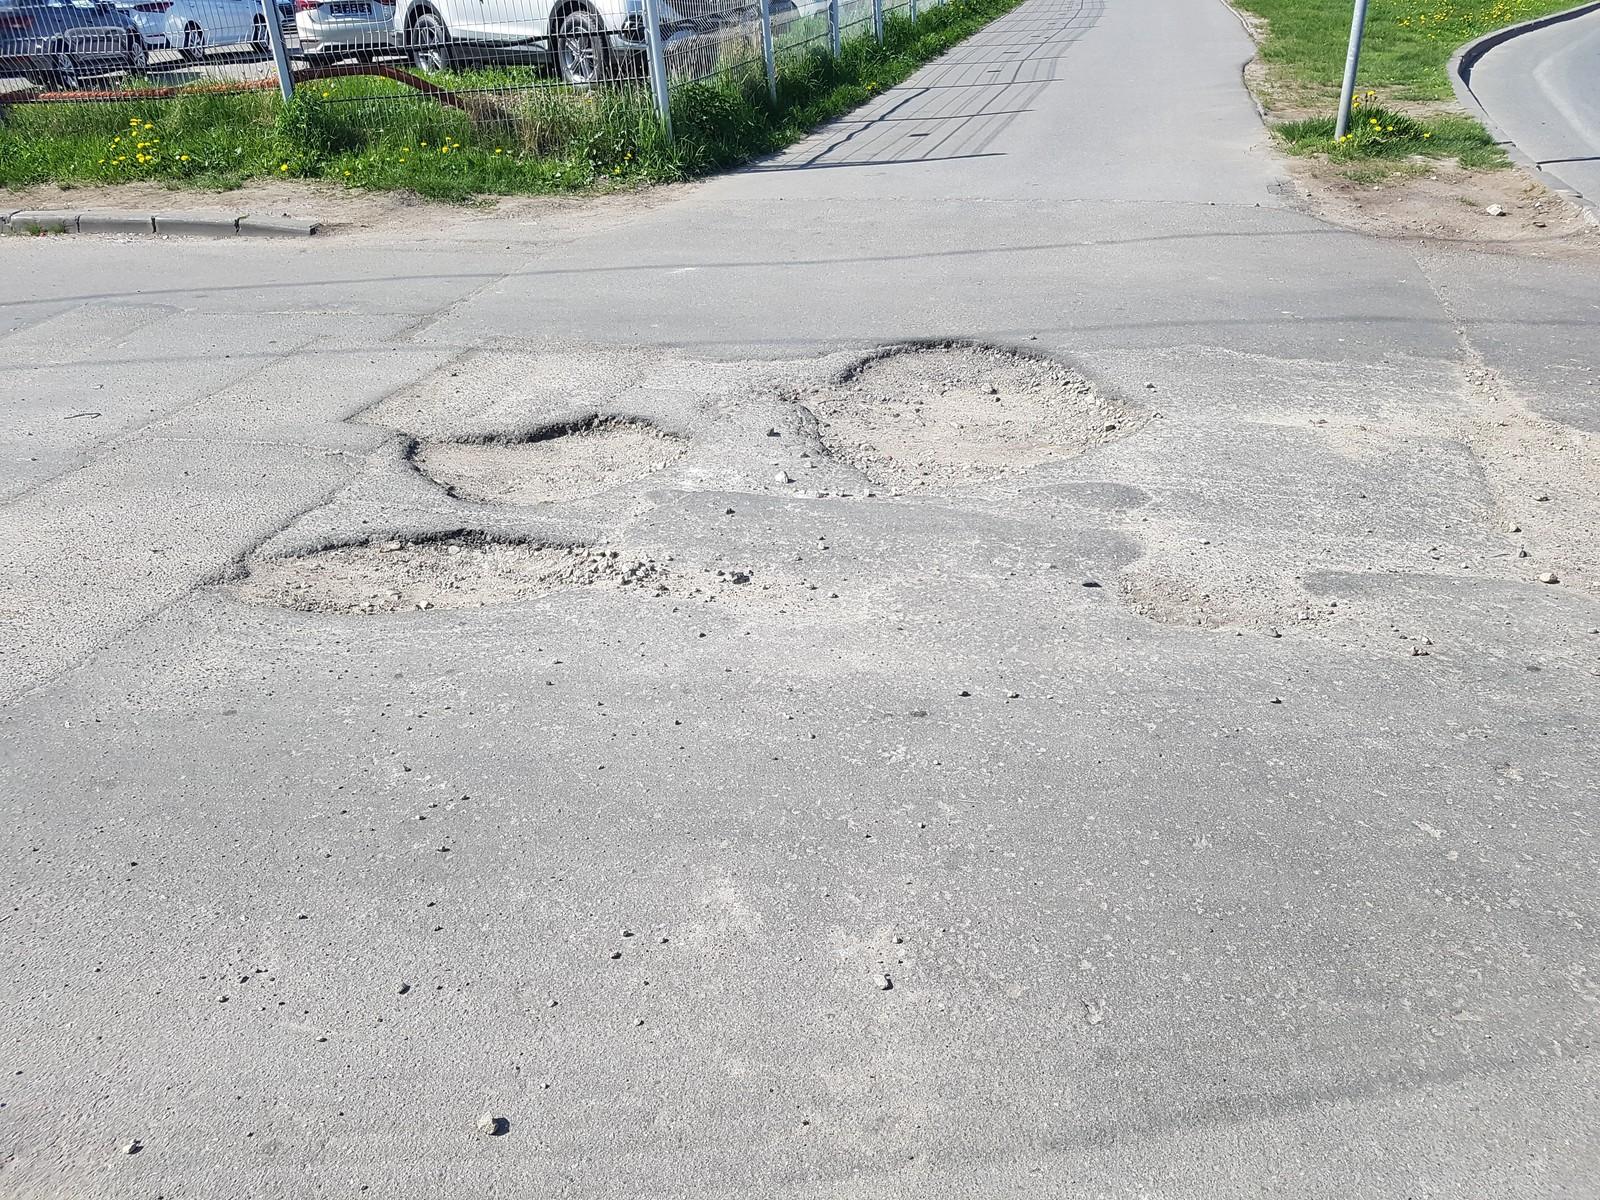 Куда отправить жалобу на плохие дороги во дворе спб